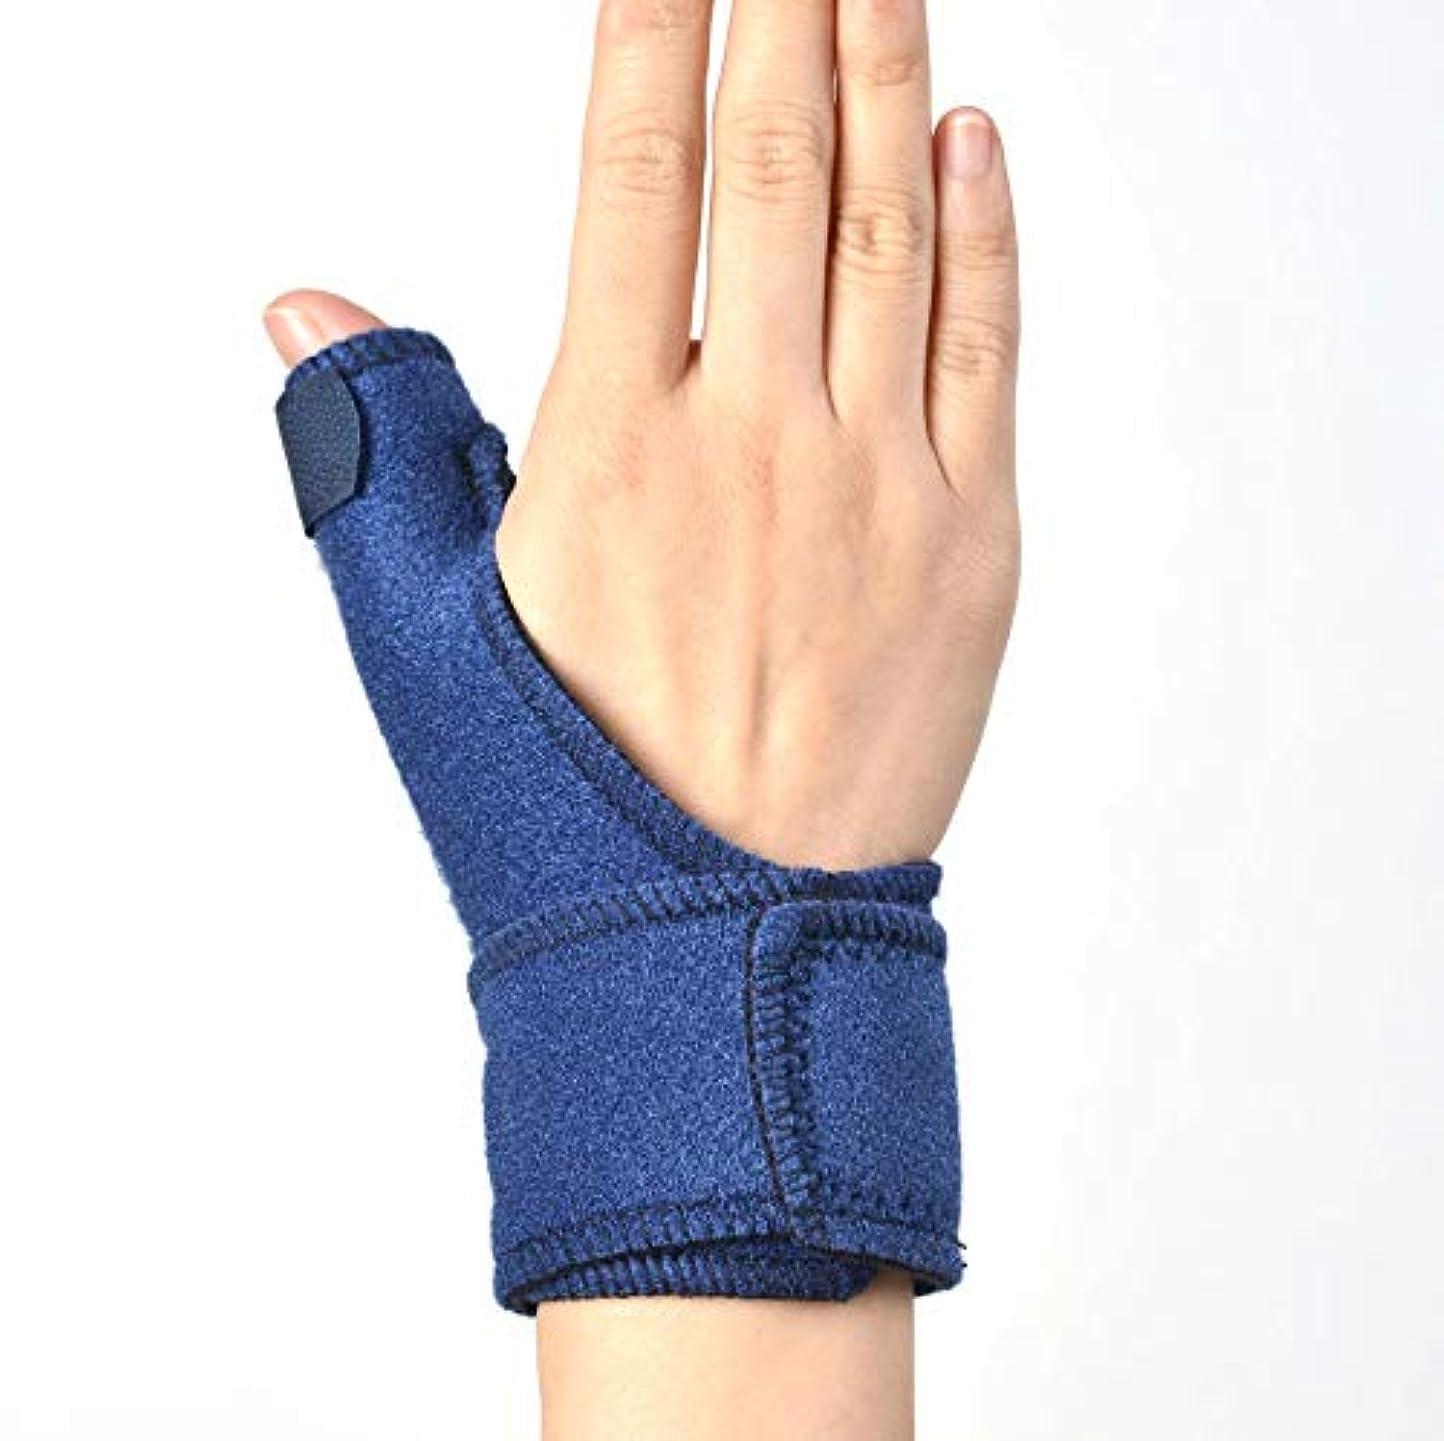 山岳立法すべき親指スプリント、マジックテープ調節可能な親指サポートブレースとガード腱炎 - 指スプリント親指固定具は左右の手にフィット